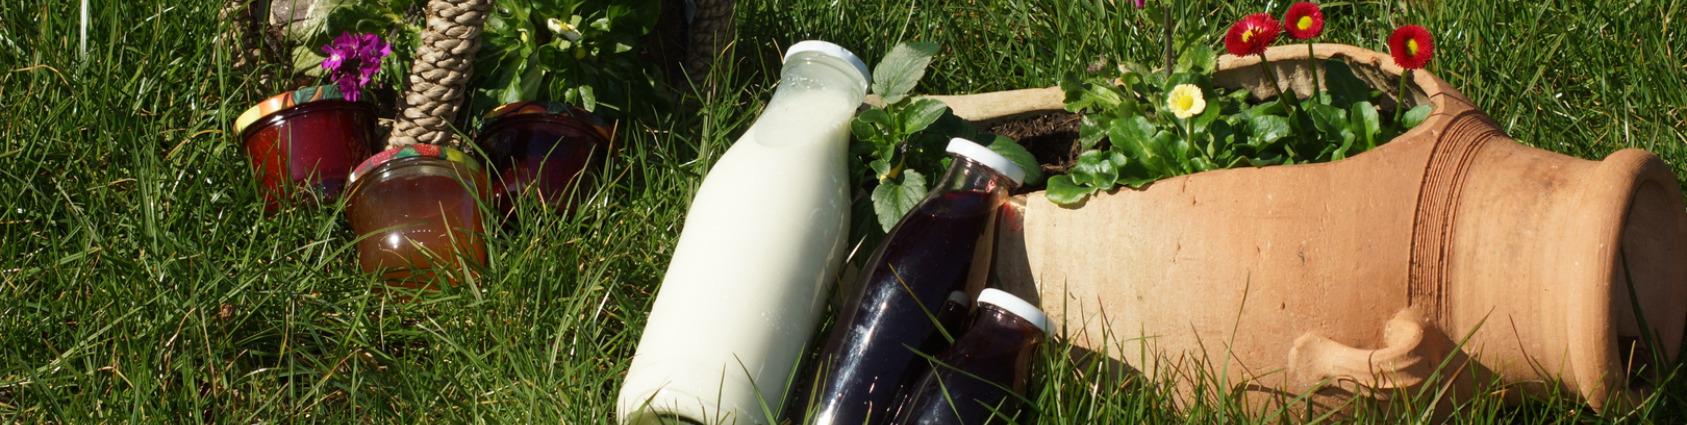 Melkhus Ardestorf - Unsere Produkte - Milchprodukte und regionale Produkte